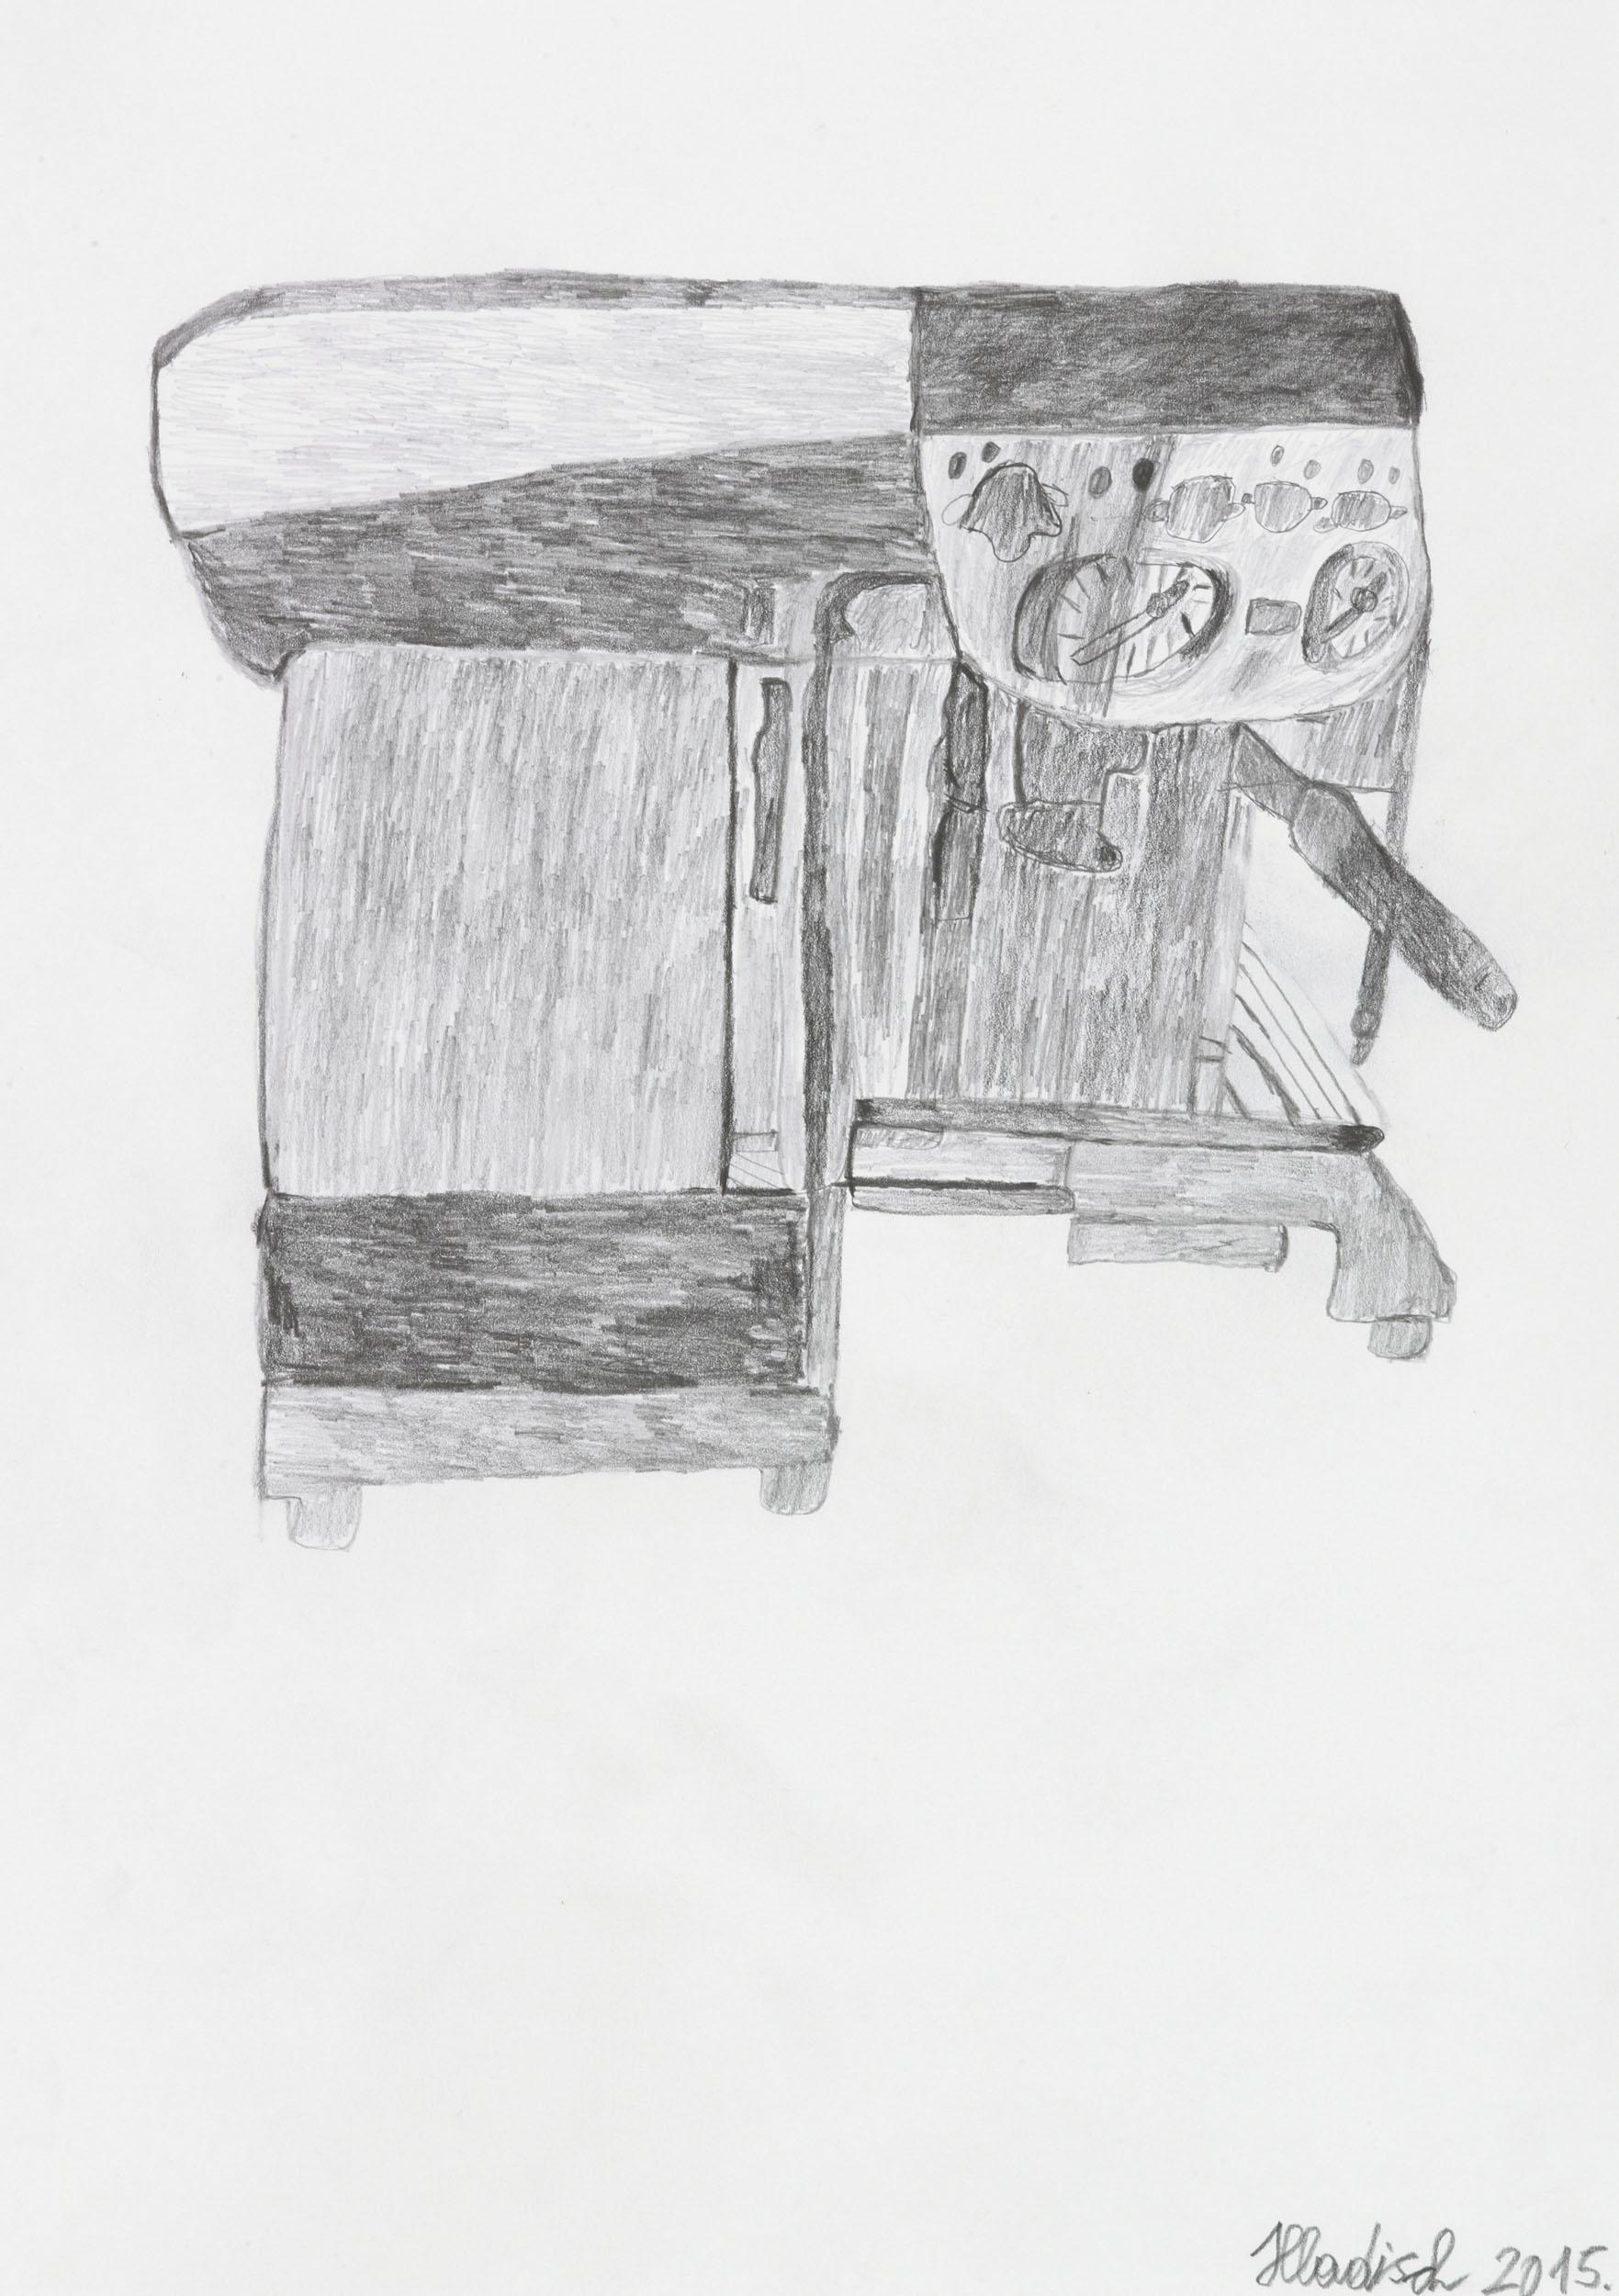 hladisch helmut - Kaffeemaschine / coffee machine